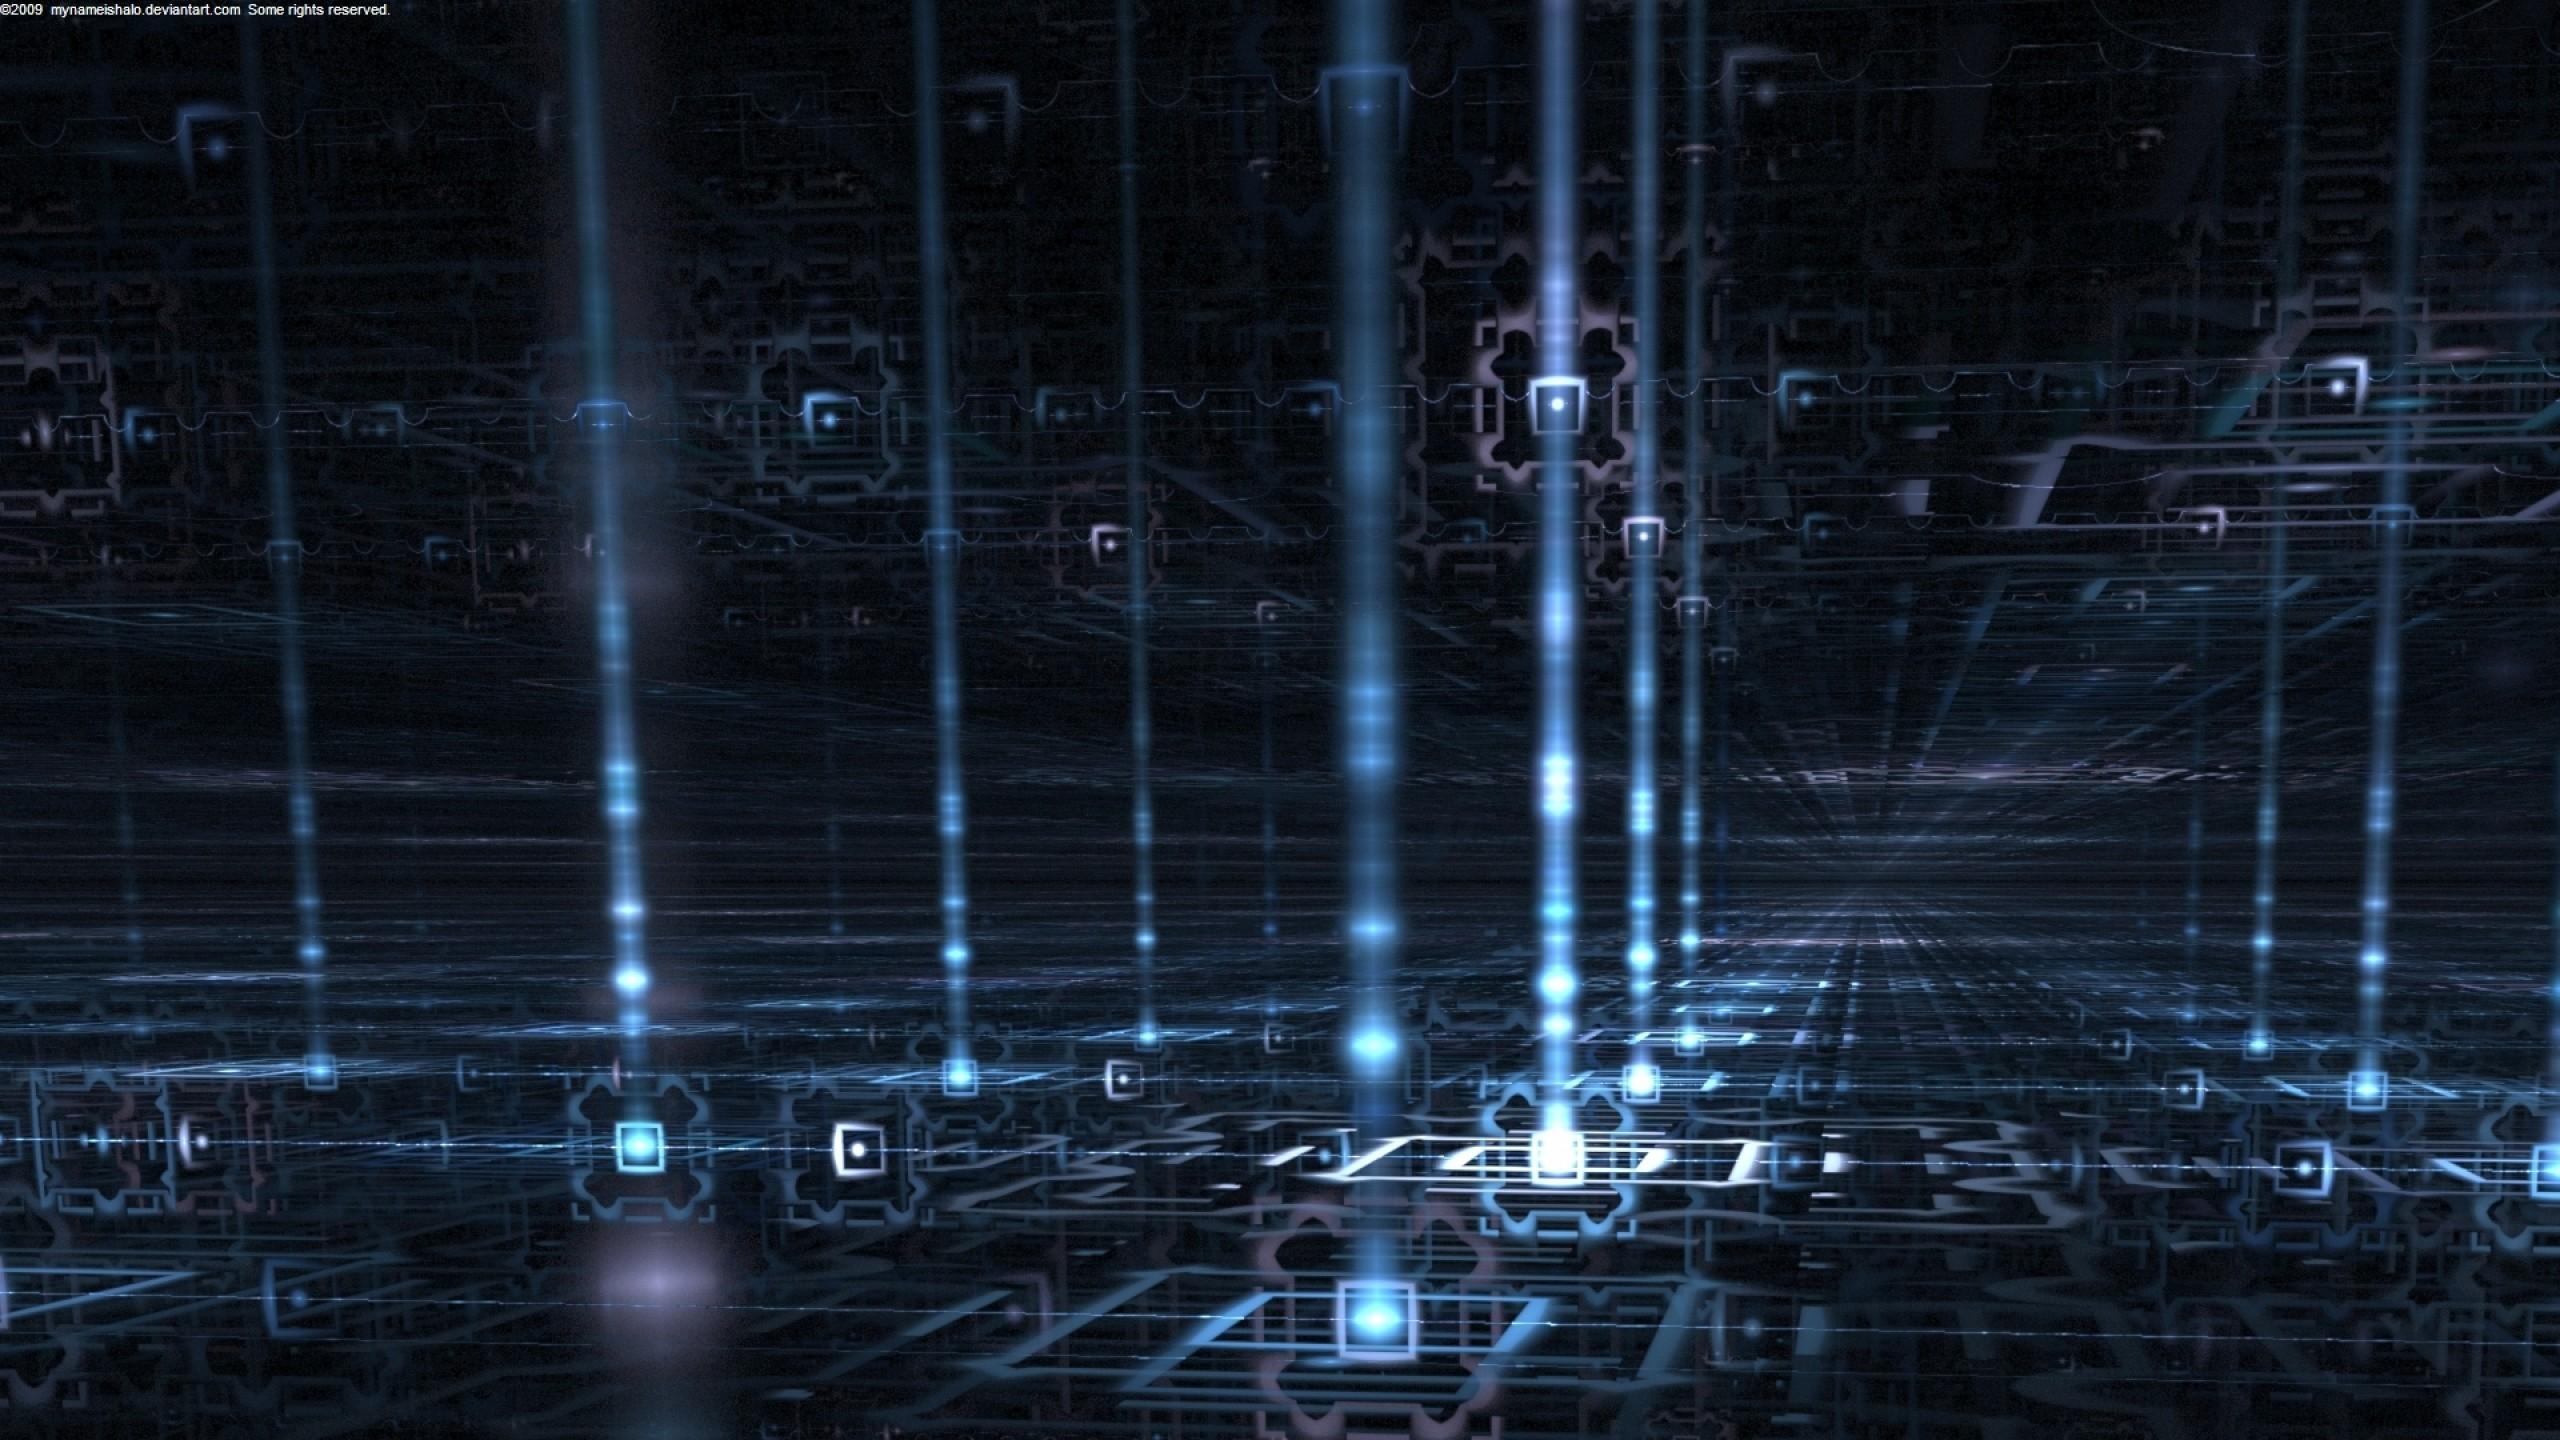 abstract quantum computer Wallpaper HD